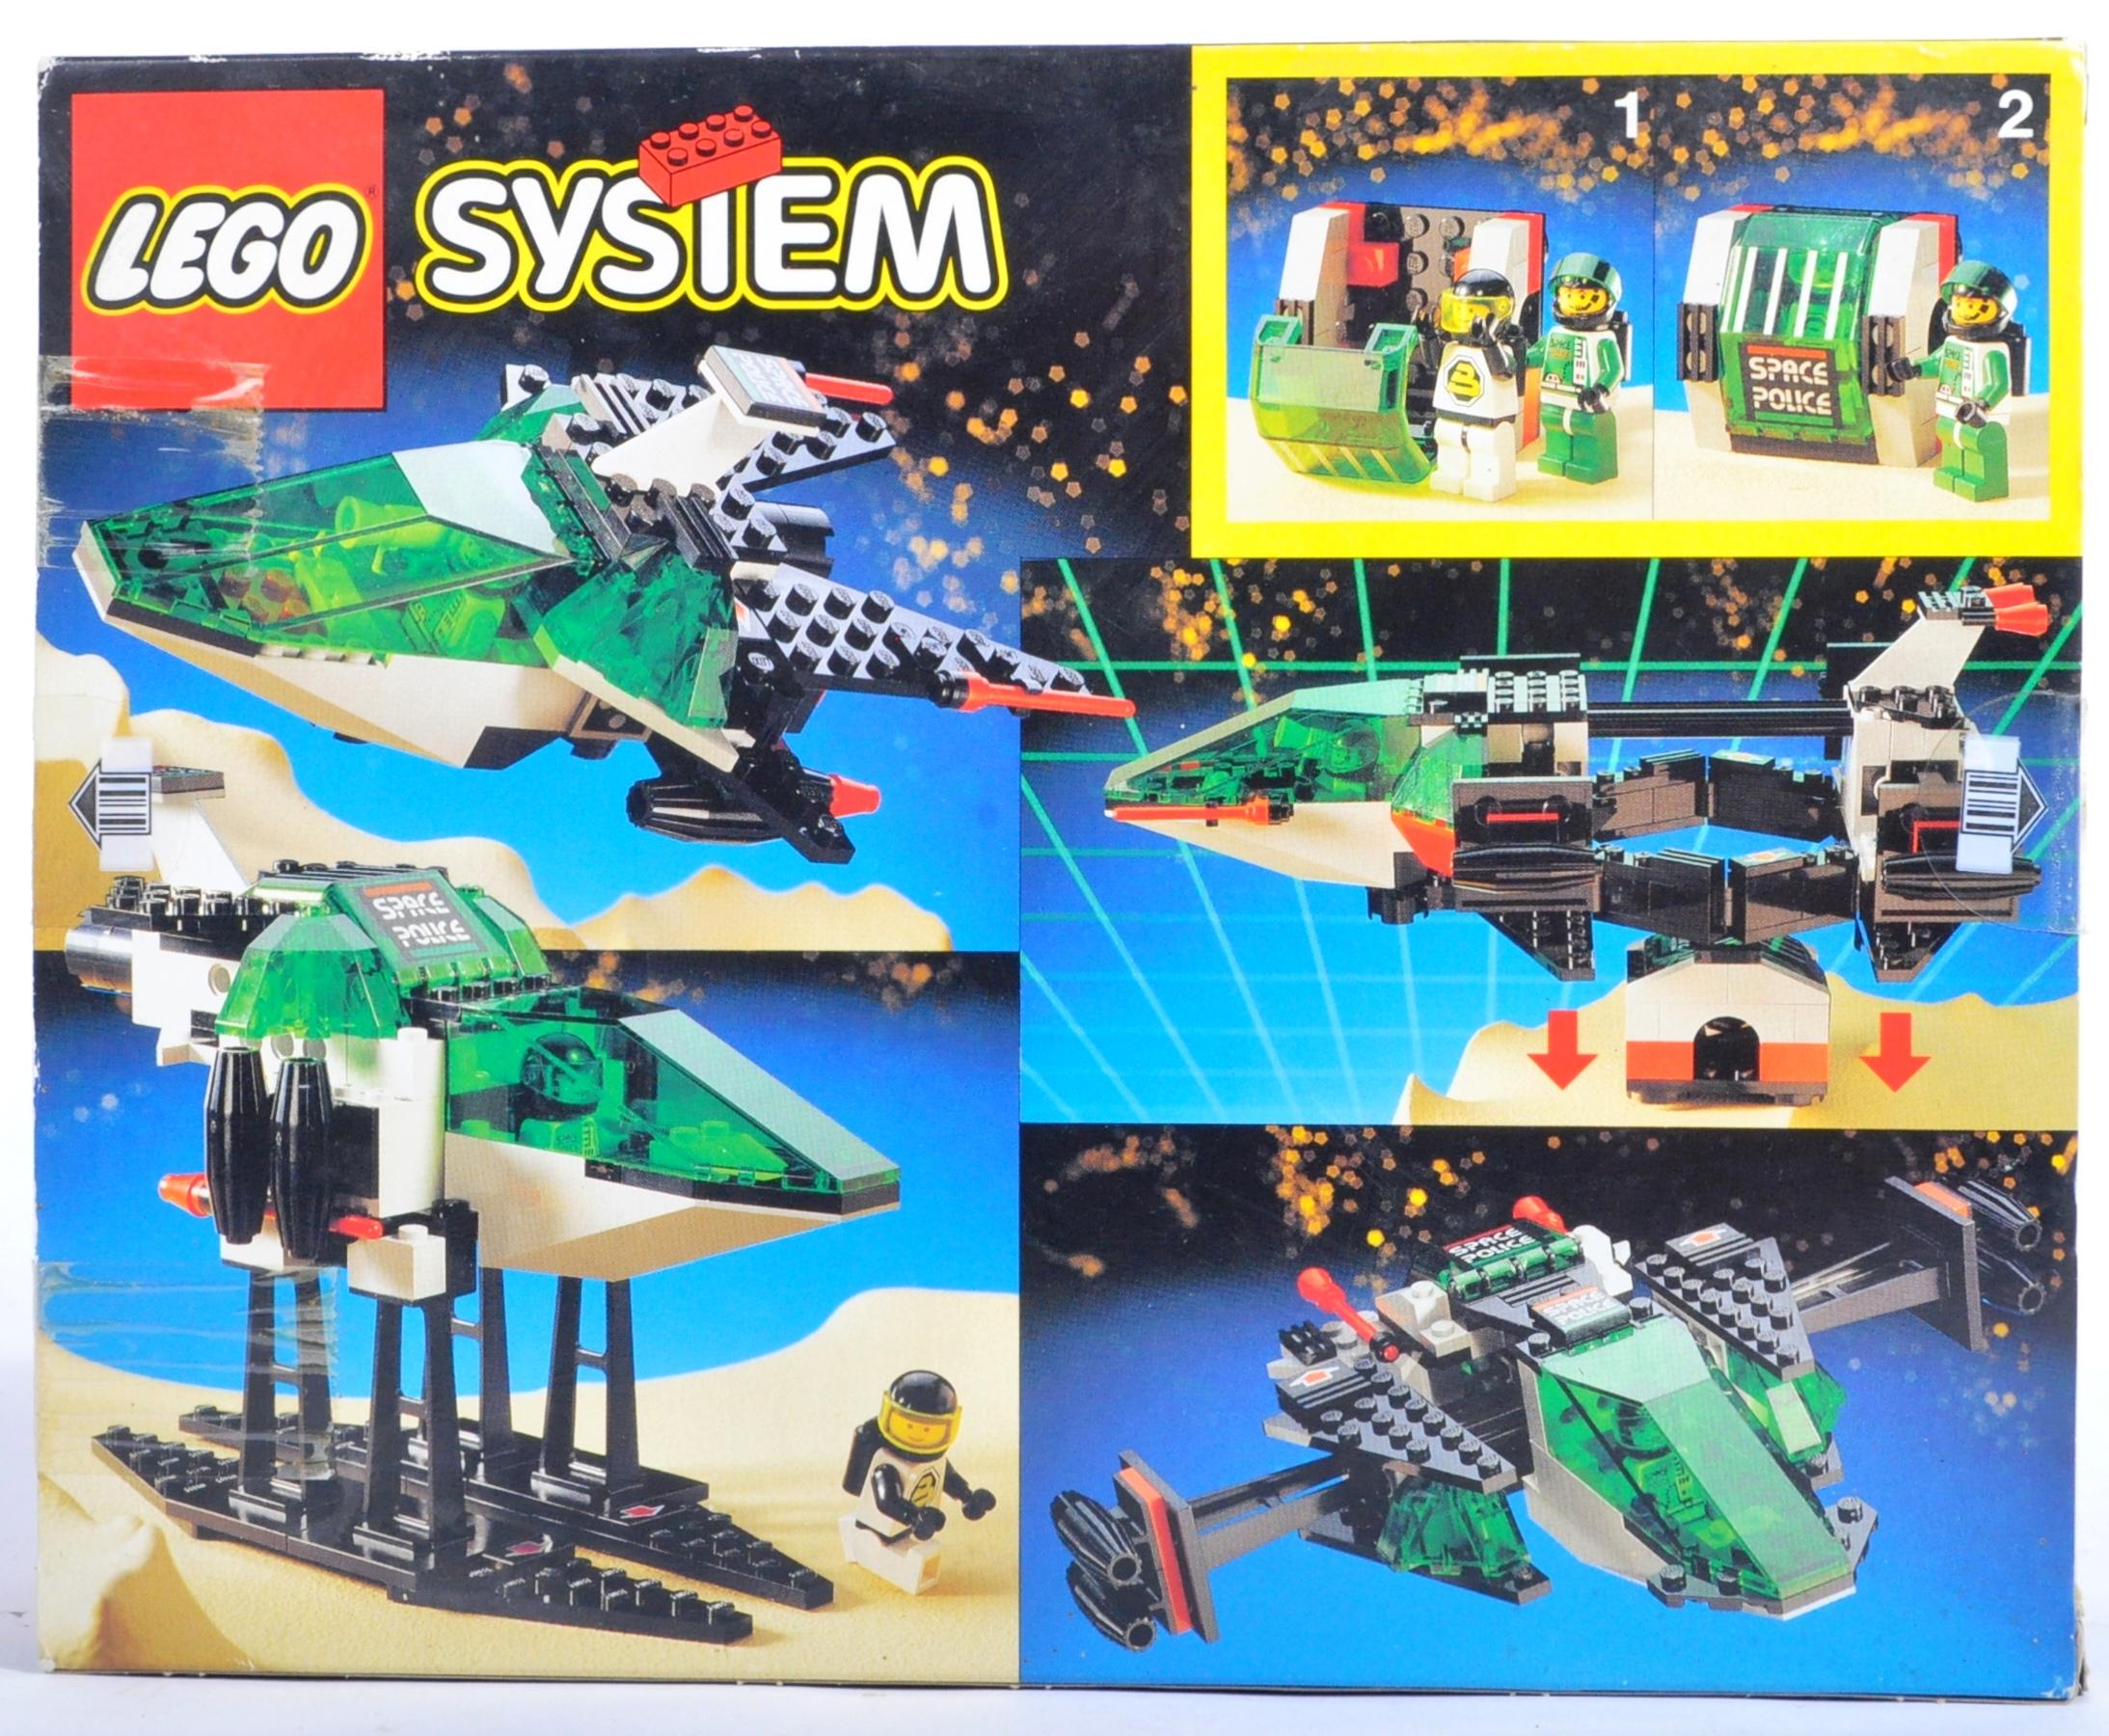 LEGO SET - LEGO SYSTEM - 6897 - REBEL SPACE HUNTER - Image 2 of 4